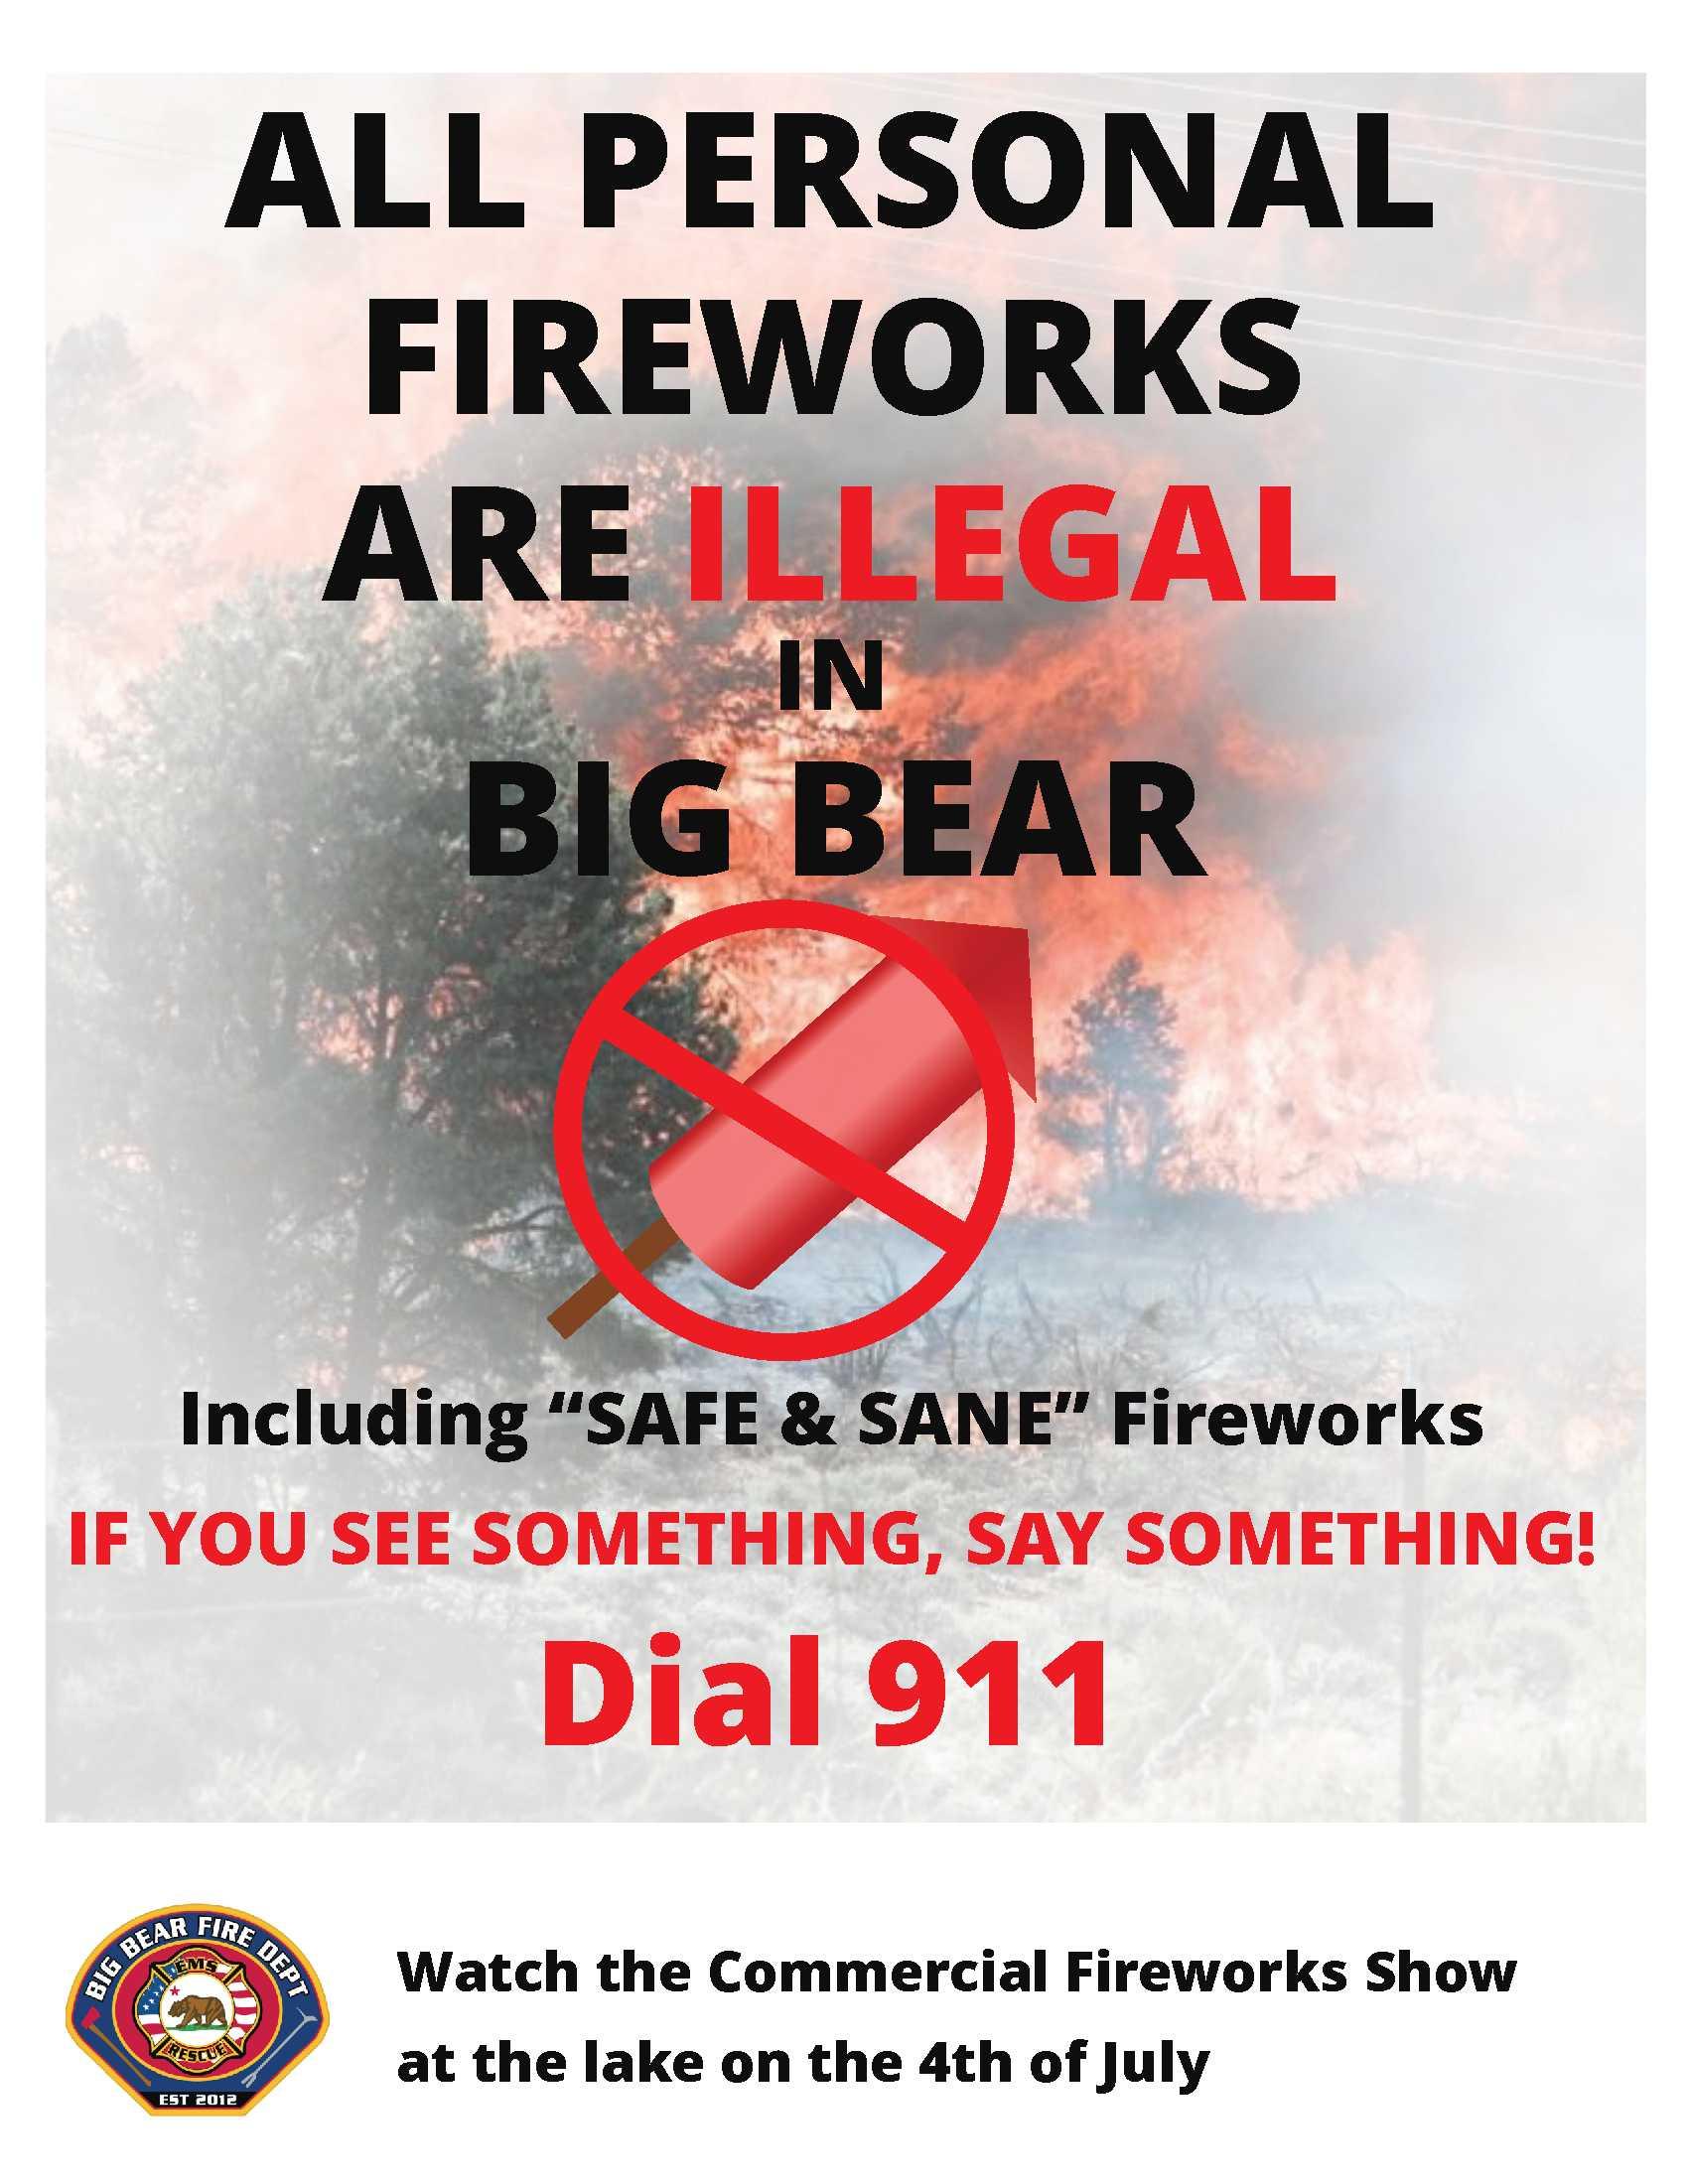 No-Fireworks-Say-Something-Flyer.jpg